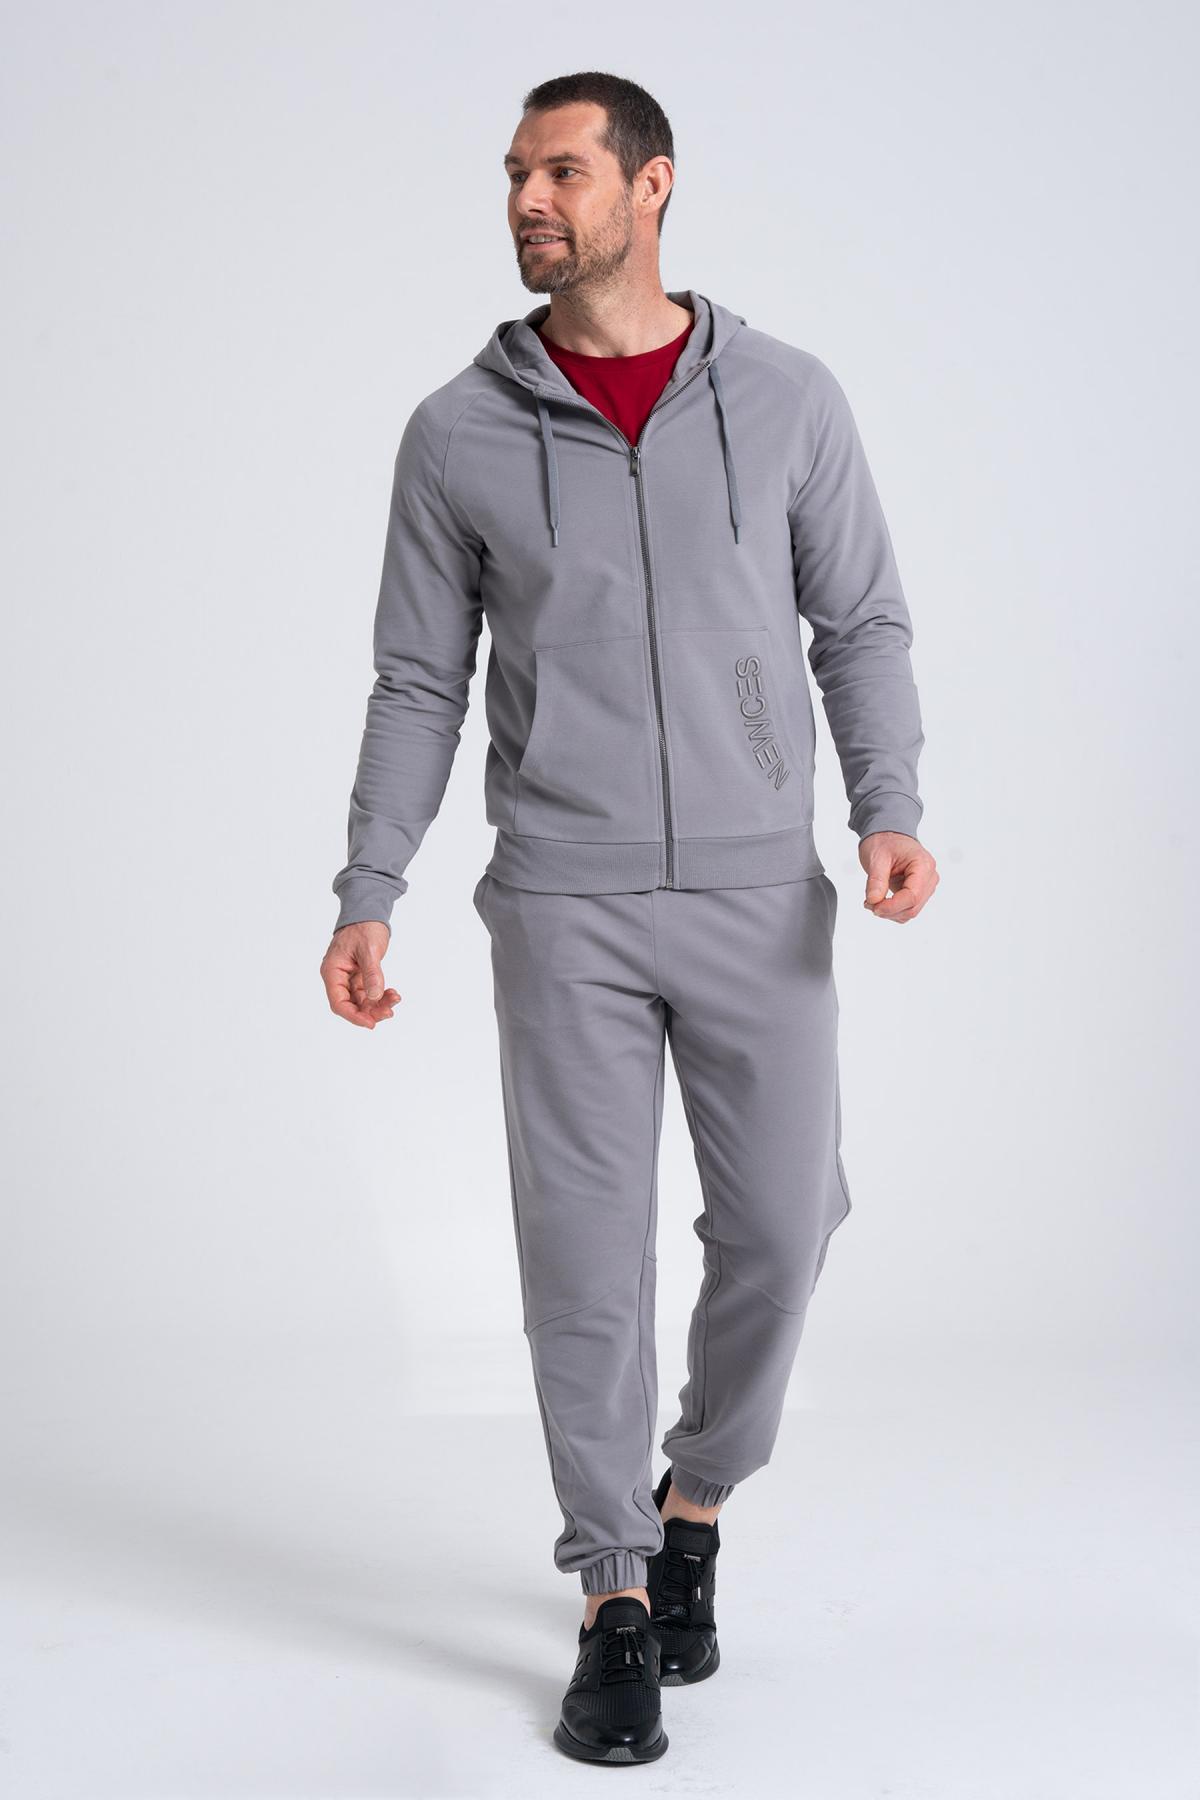 100% Cotton Sweatshirt newces-5009-G